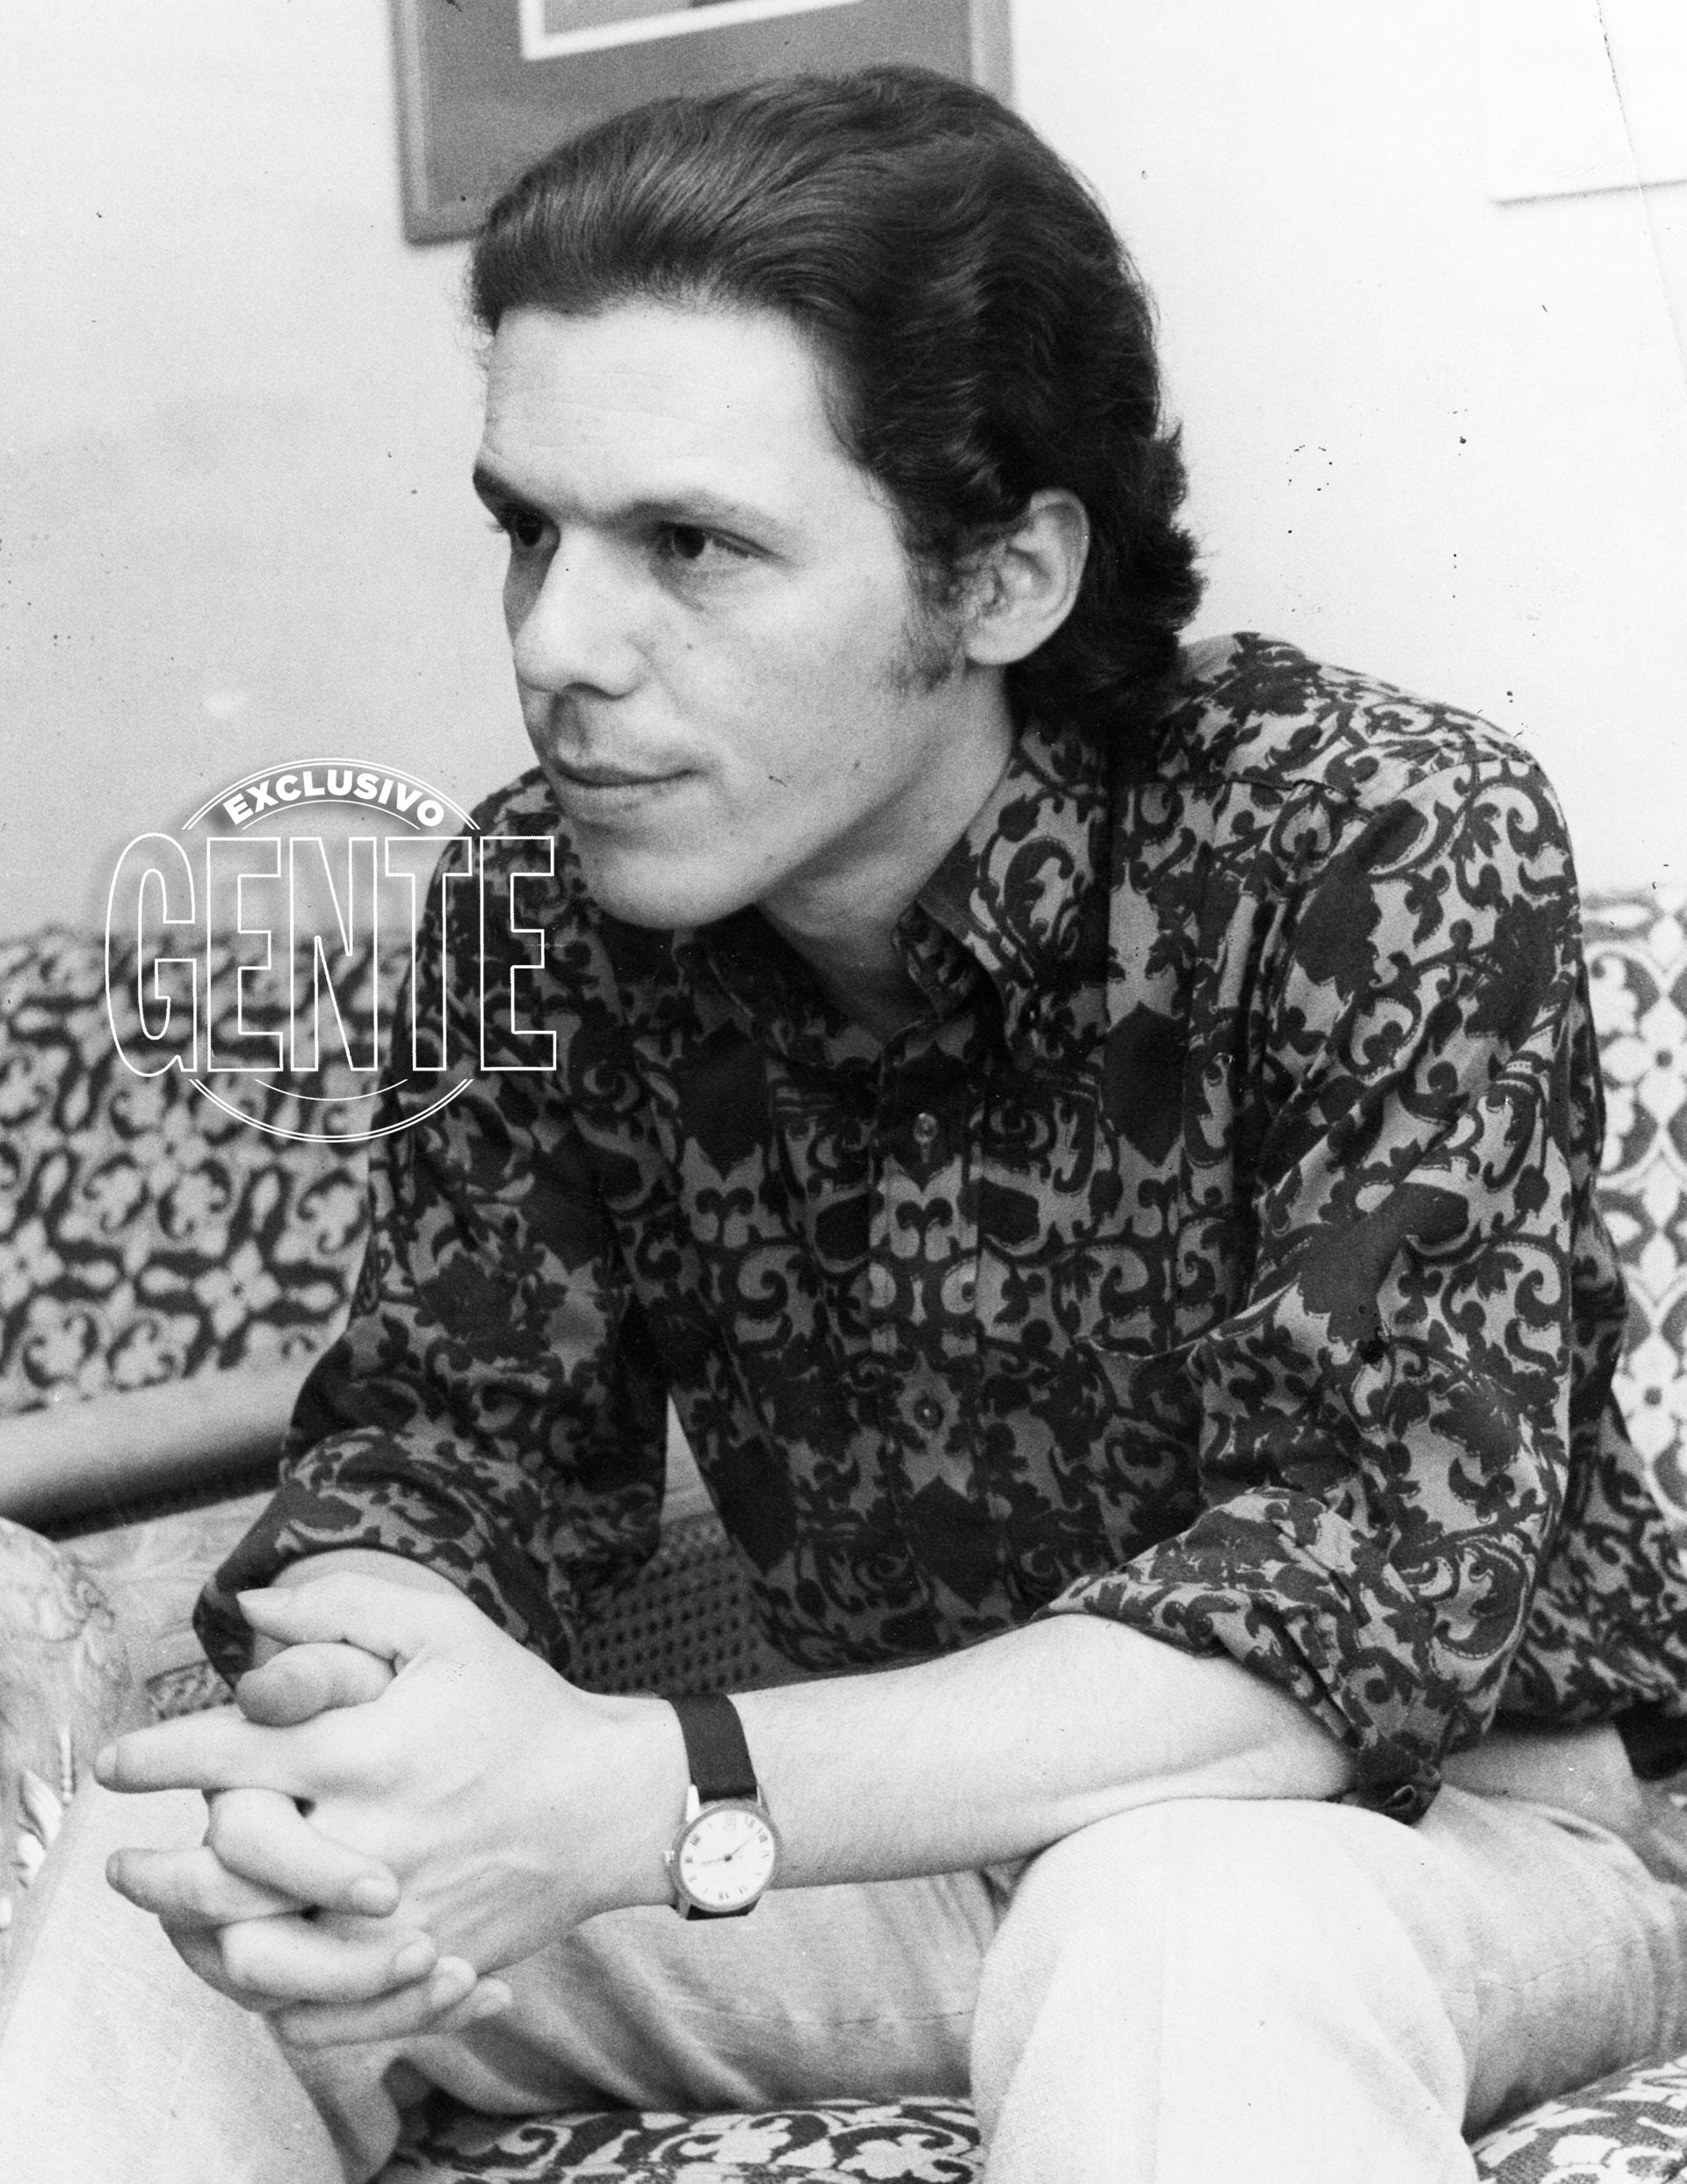 Con el pelo un poco más largo en 1970, look que mantendría a lo largo de los años. (Foto archivo GENTE)